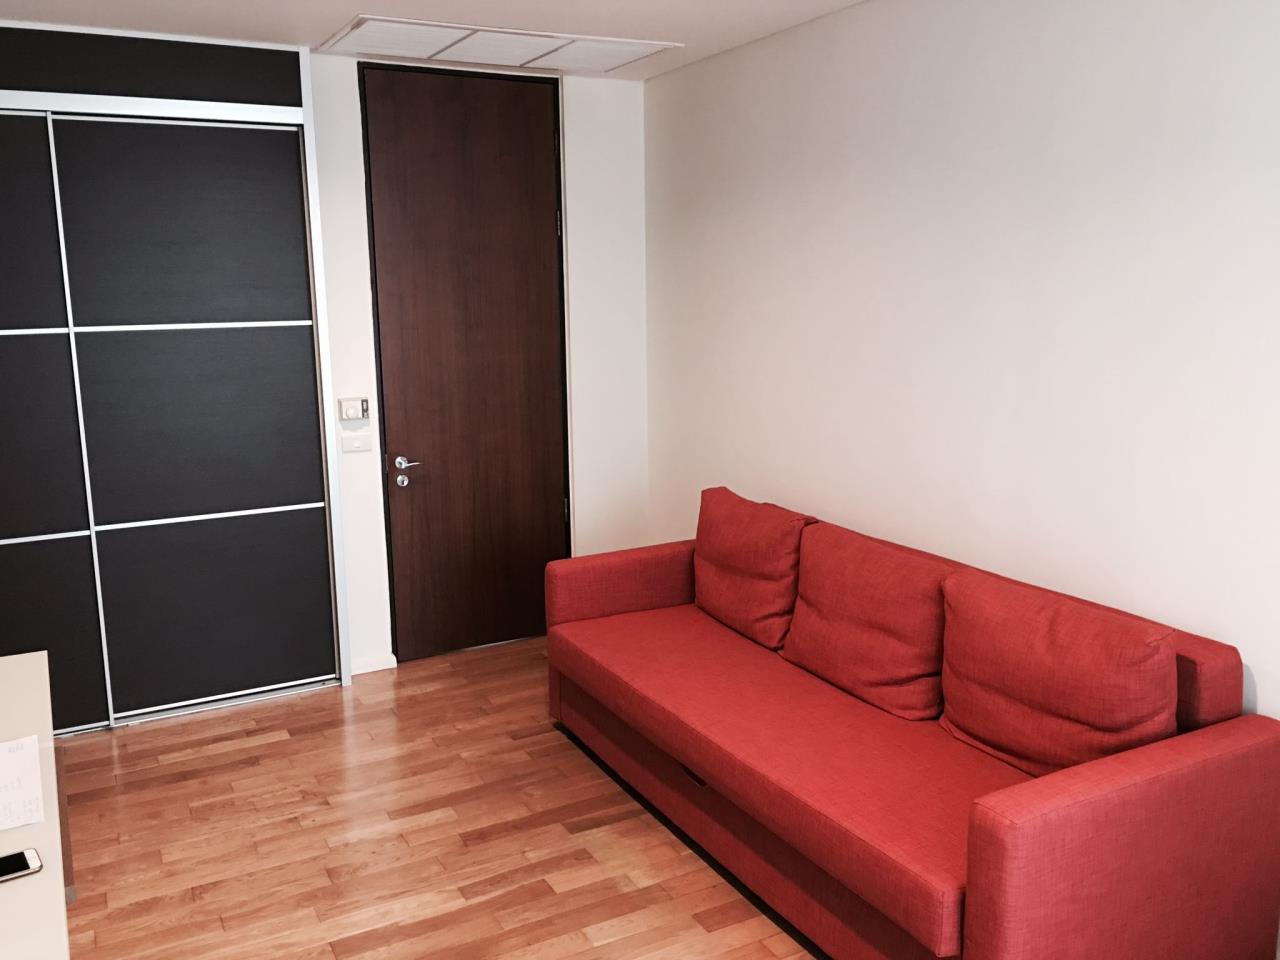 RE/MAX BestLife Agency's The Lakes, 2 Bedroom, 90K, 176SQM, High Floor, Asok 15